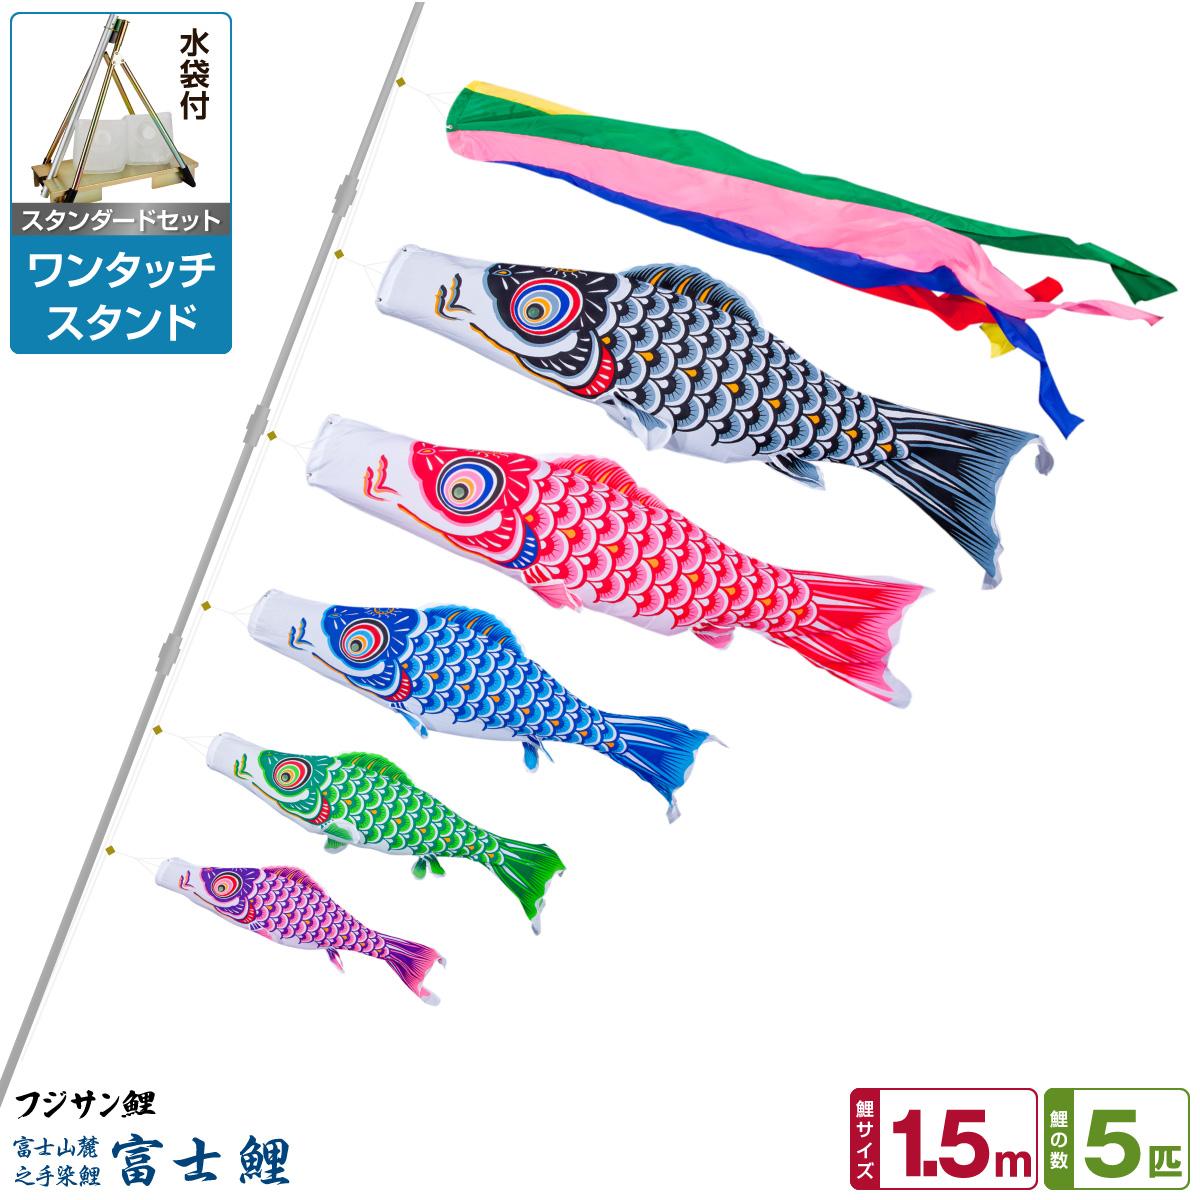 ベランダ用 こいのぼり 鯉のぼり フジサン鯉 富士鯉 1.5m 8点(吹流し+鯉5匹+矢車+ロープ)/スタンダードセット(ワンタッチスタンド)